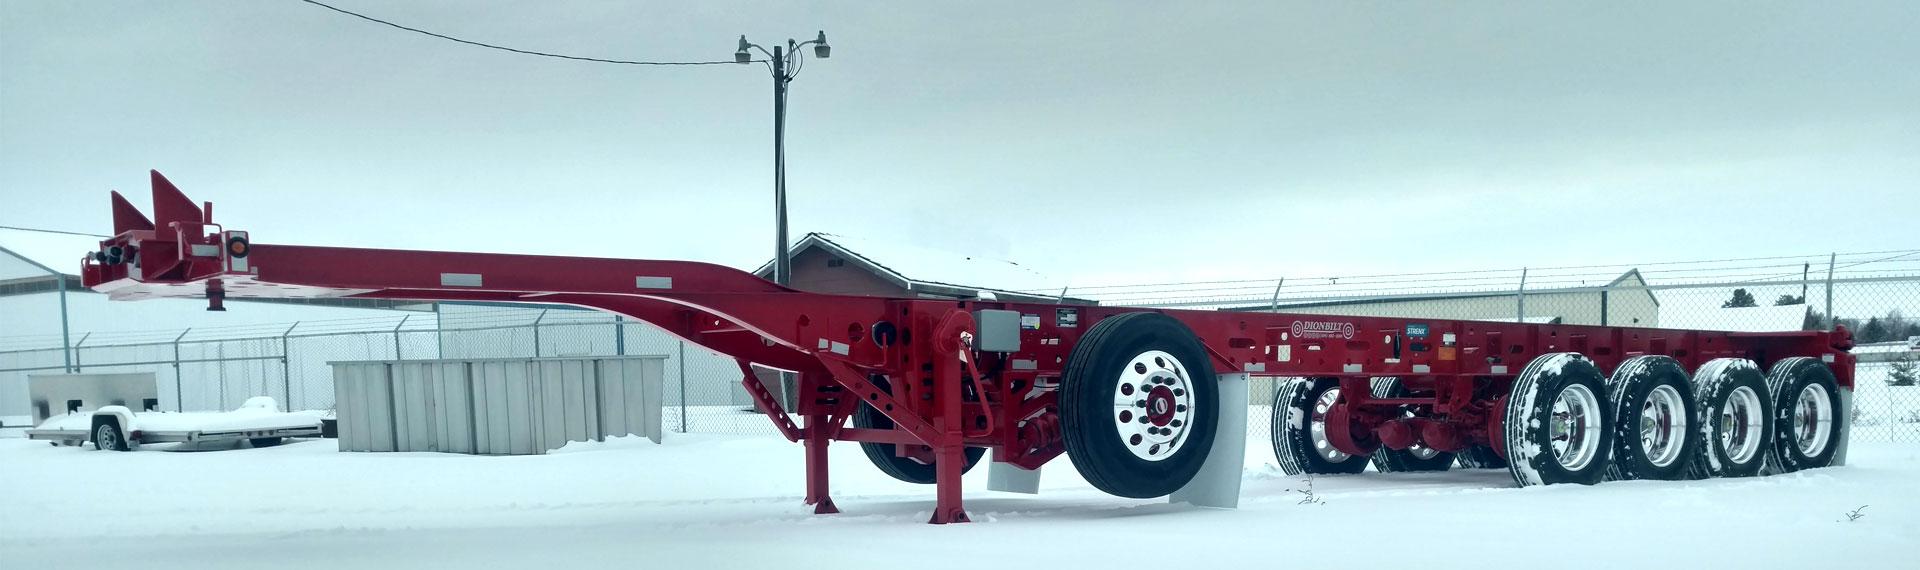 Un telaio per rimorchio lungo e leggero realizzato con Strenx® 100 su un terreno innevato